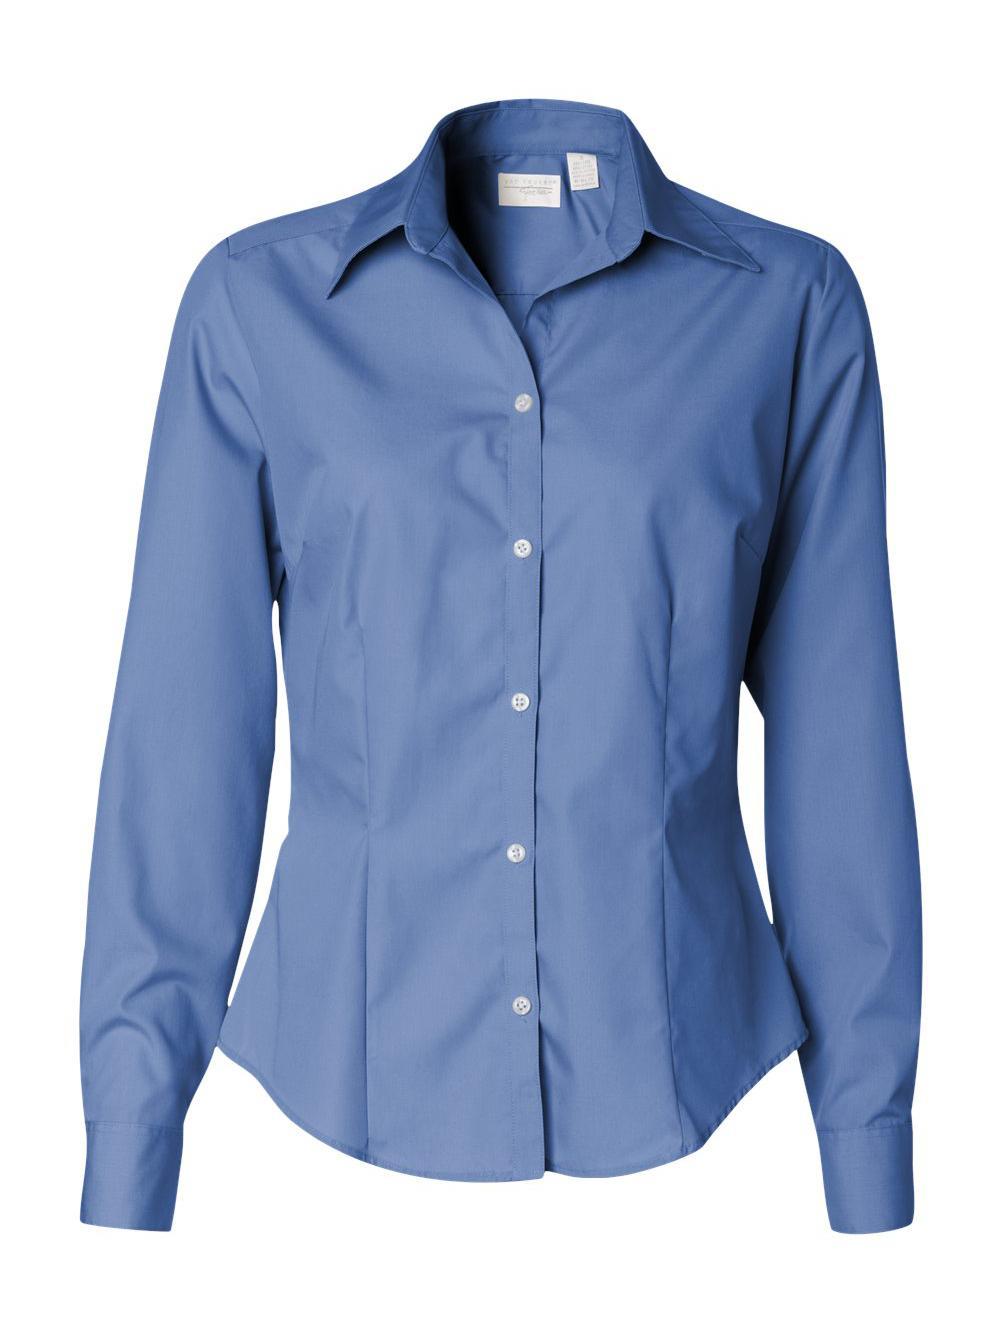 Van-Heusen-Women-039-s-Silky-Poplin-Shirt-13V0114 thumbnail 6